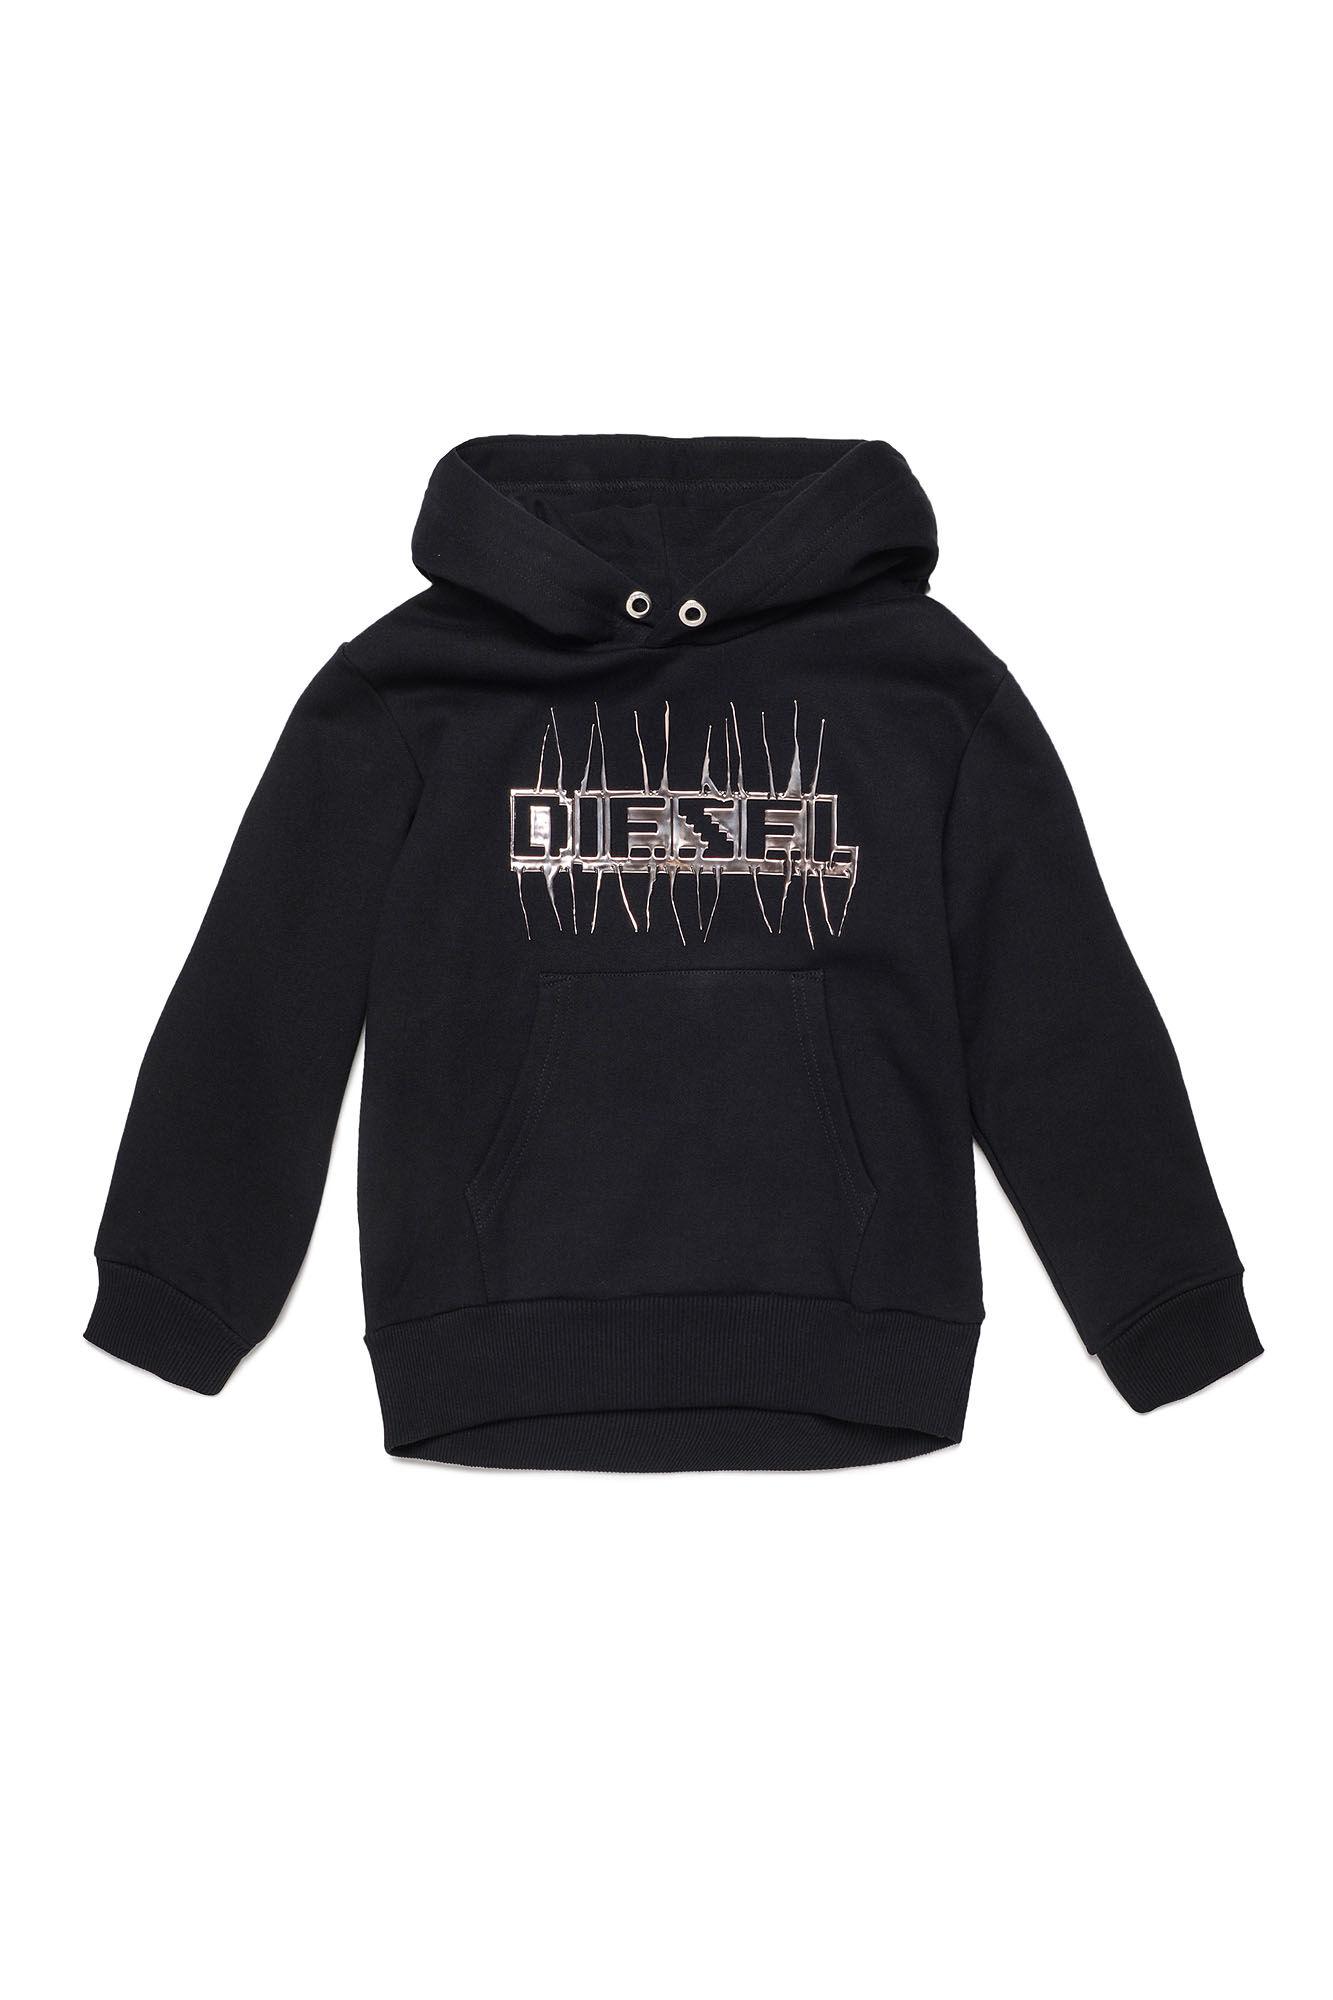 Sgirkhoodj1 Over Sweatshirt - Diesel Kid